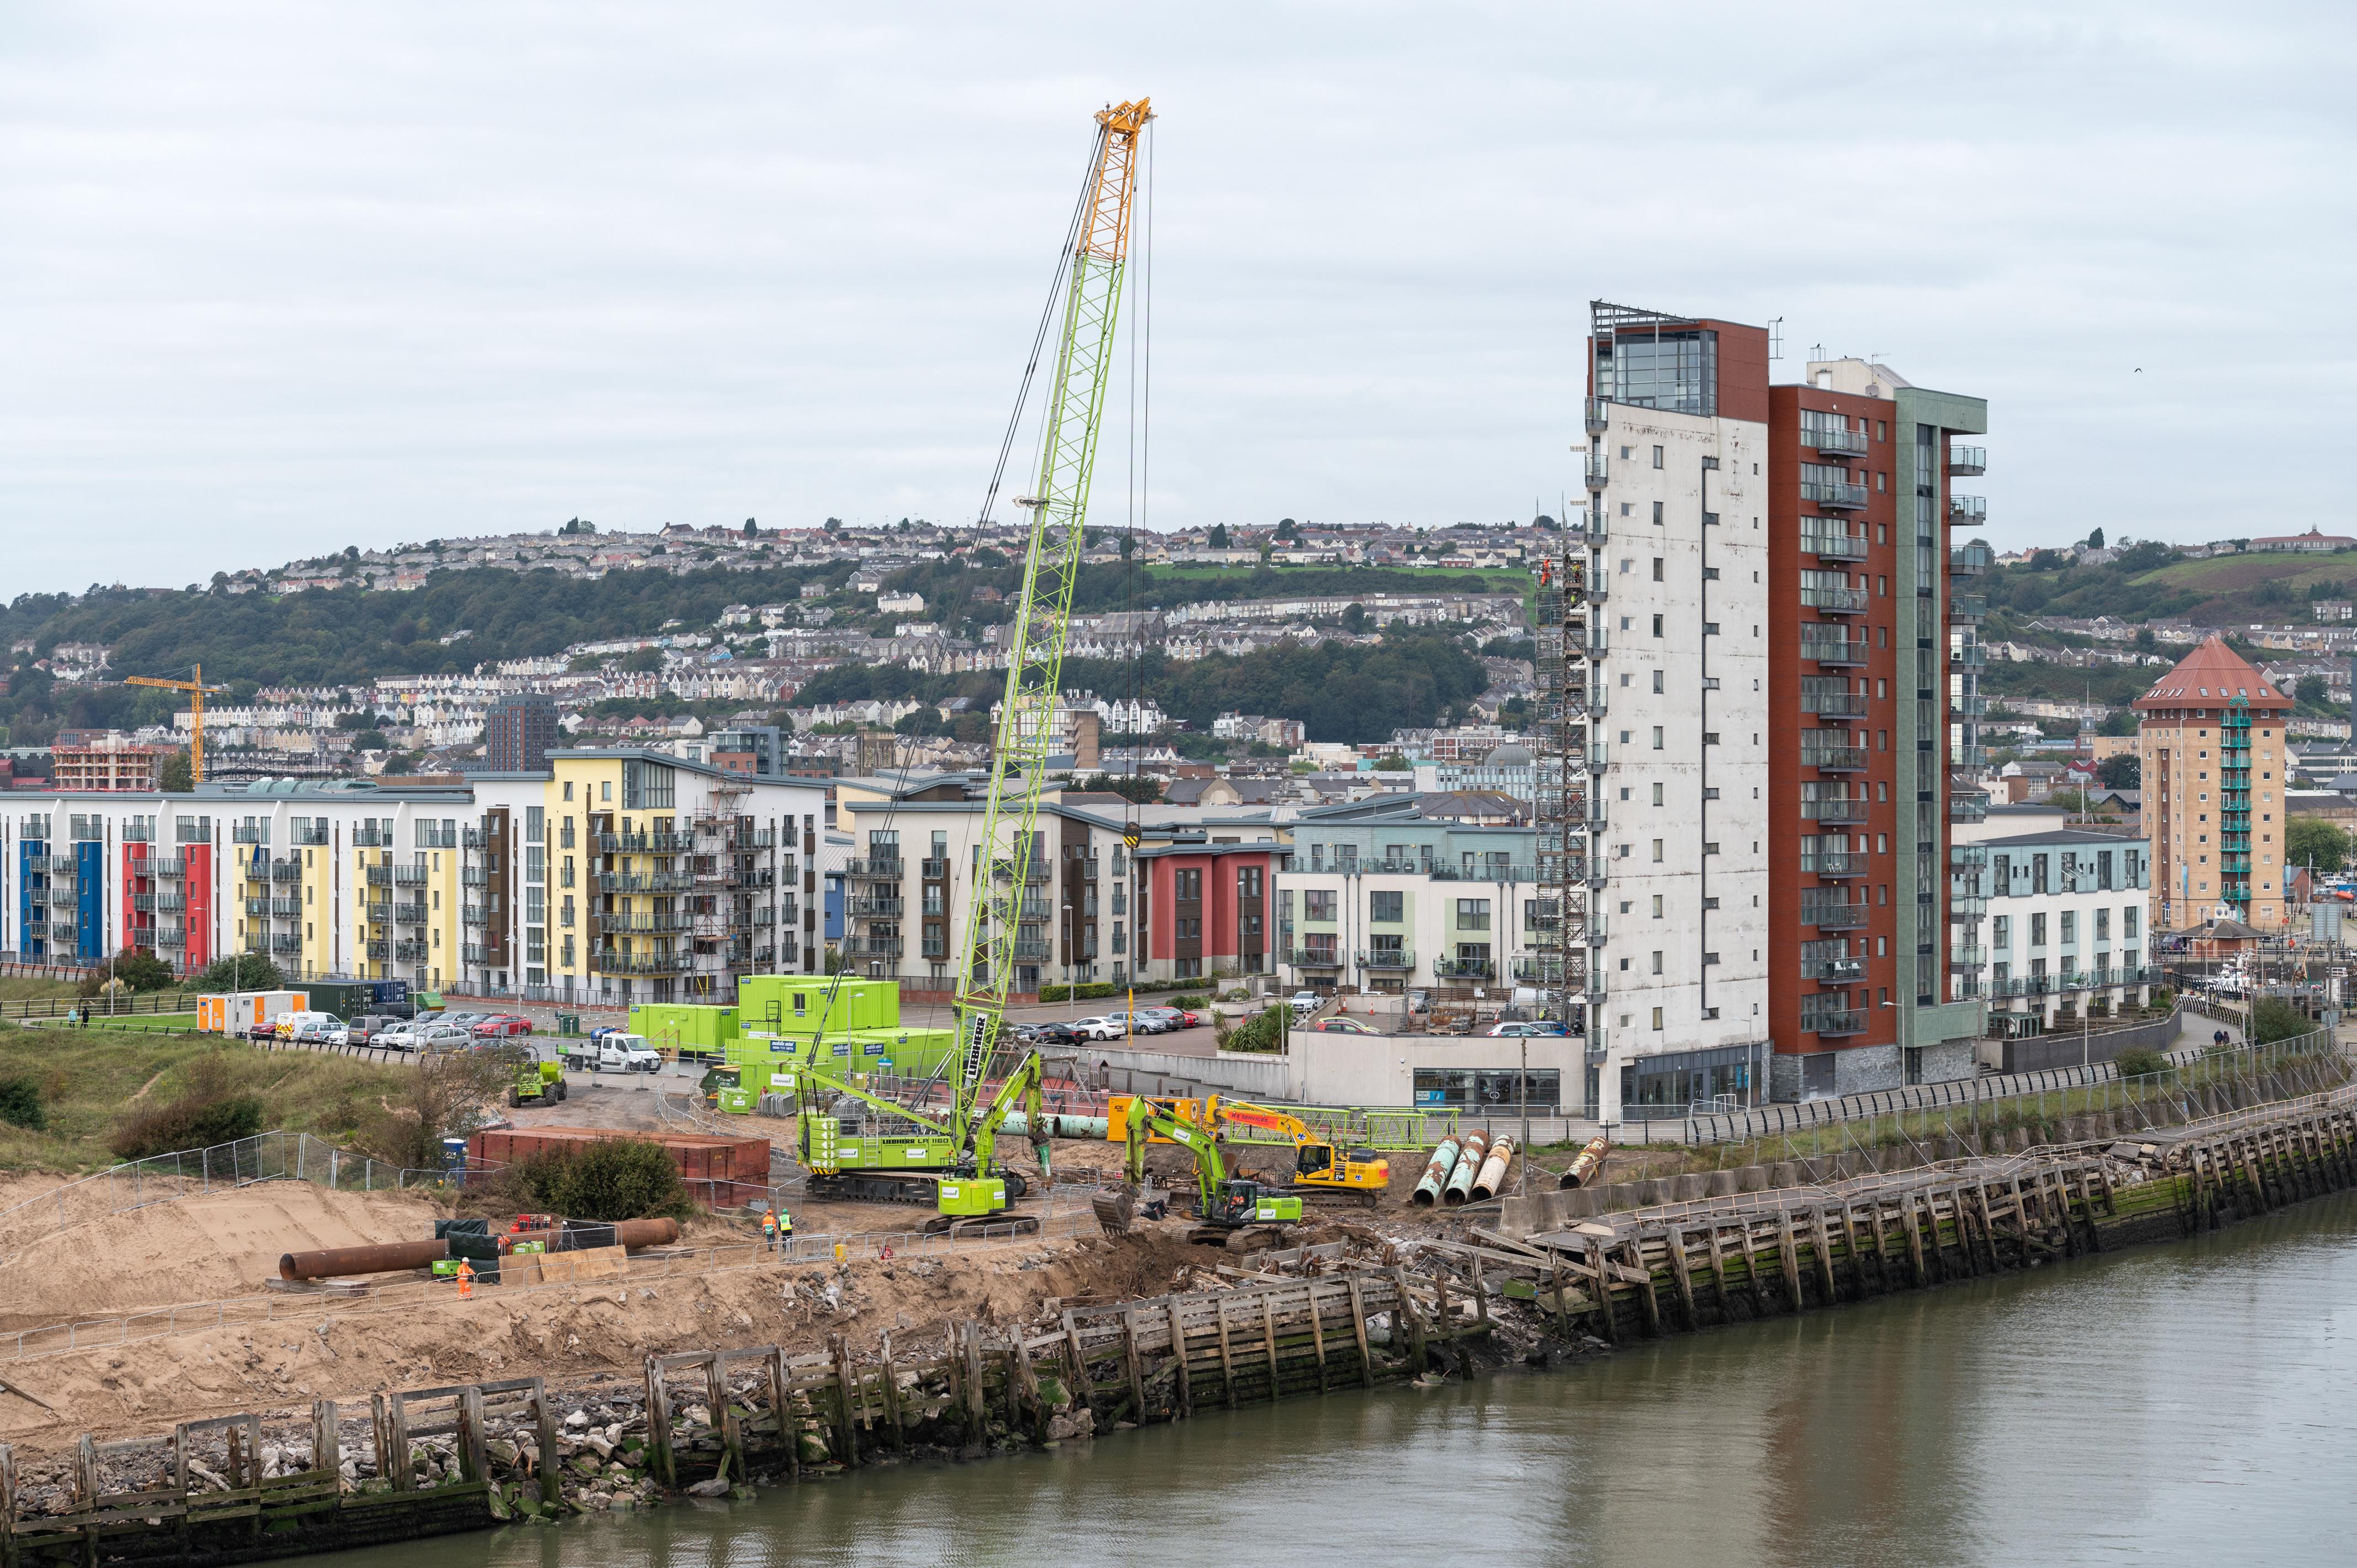 Construction begins on £10m Swansea West Pier repair image